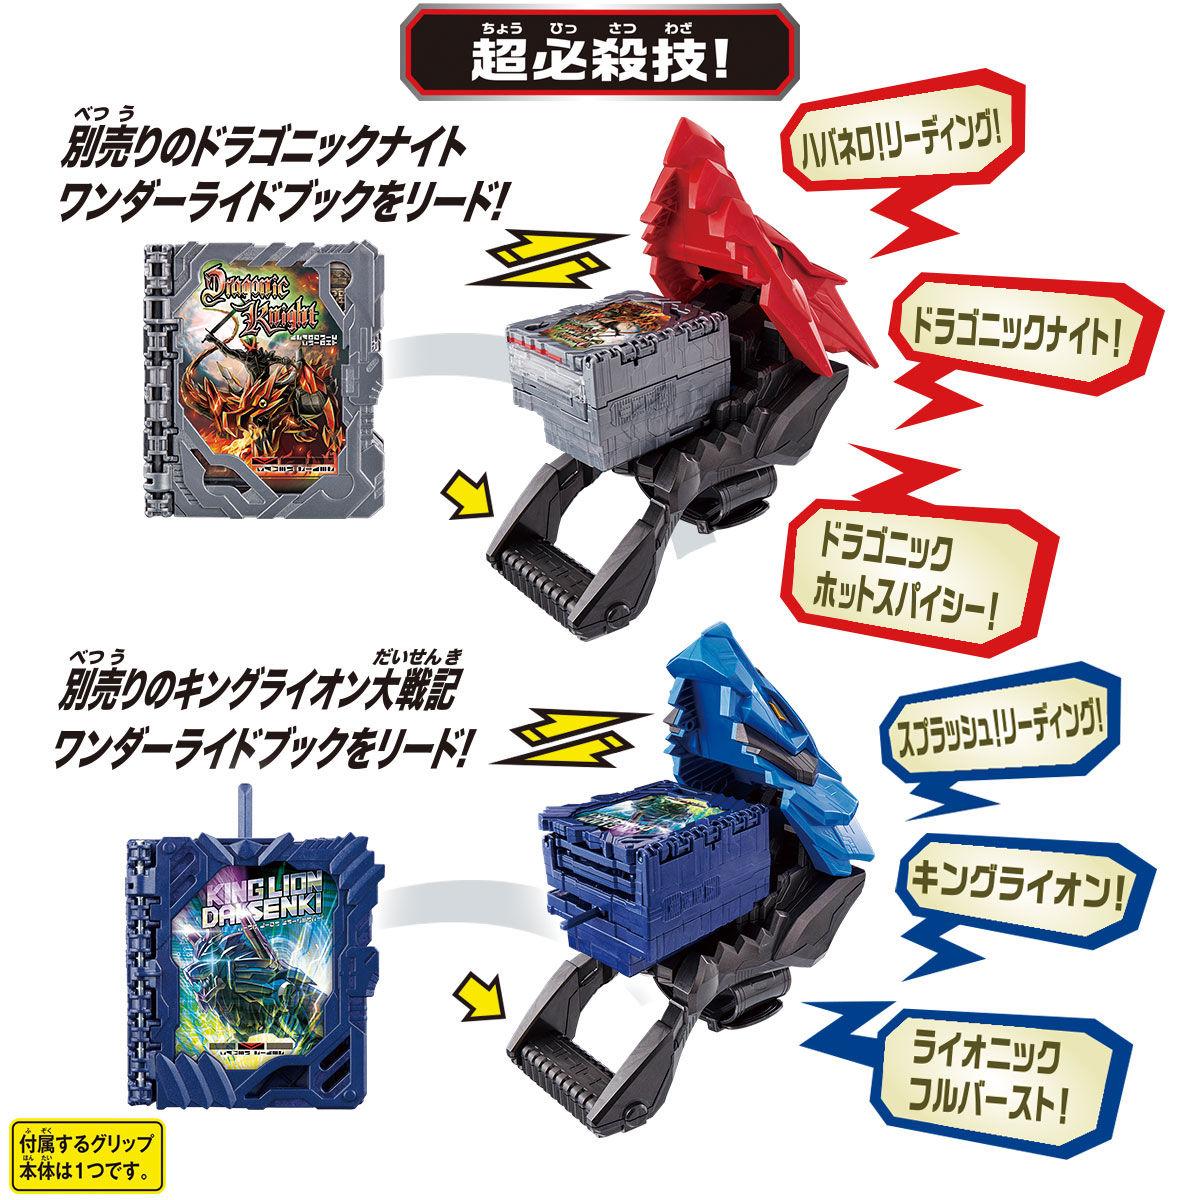 仮面ライダーセイバー『DXドラゴニックブースター&キングライオンブースター』変身なりきり-007